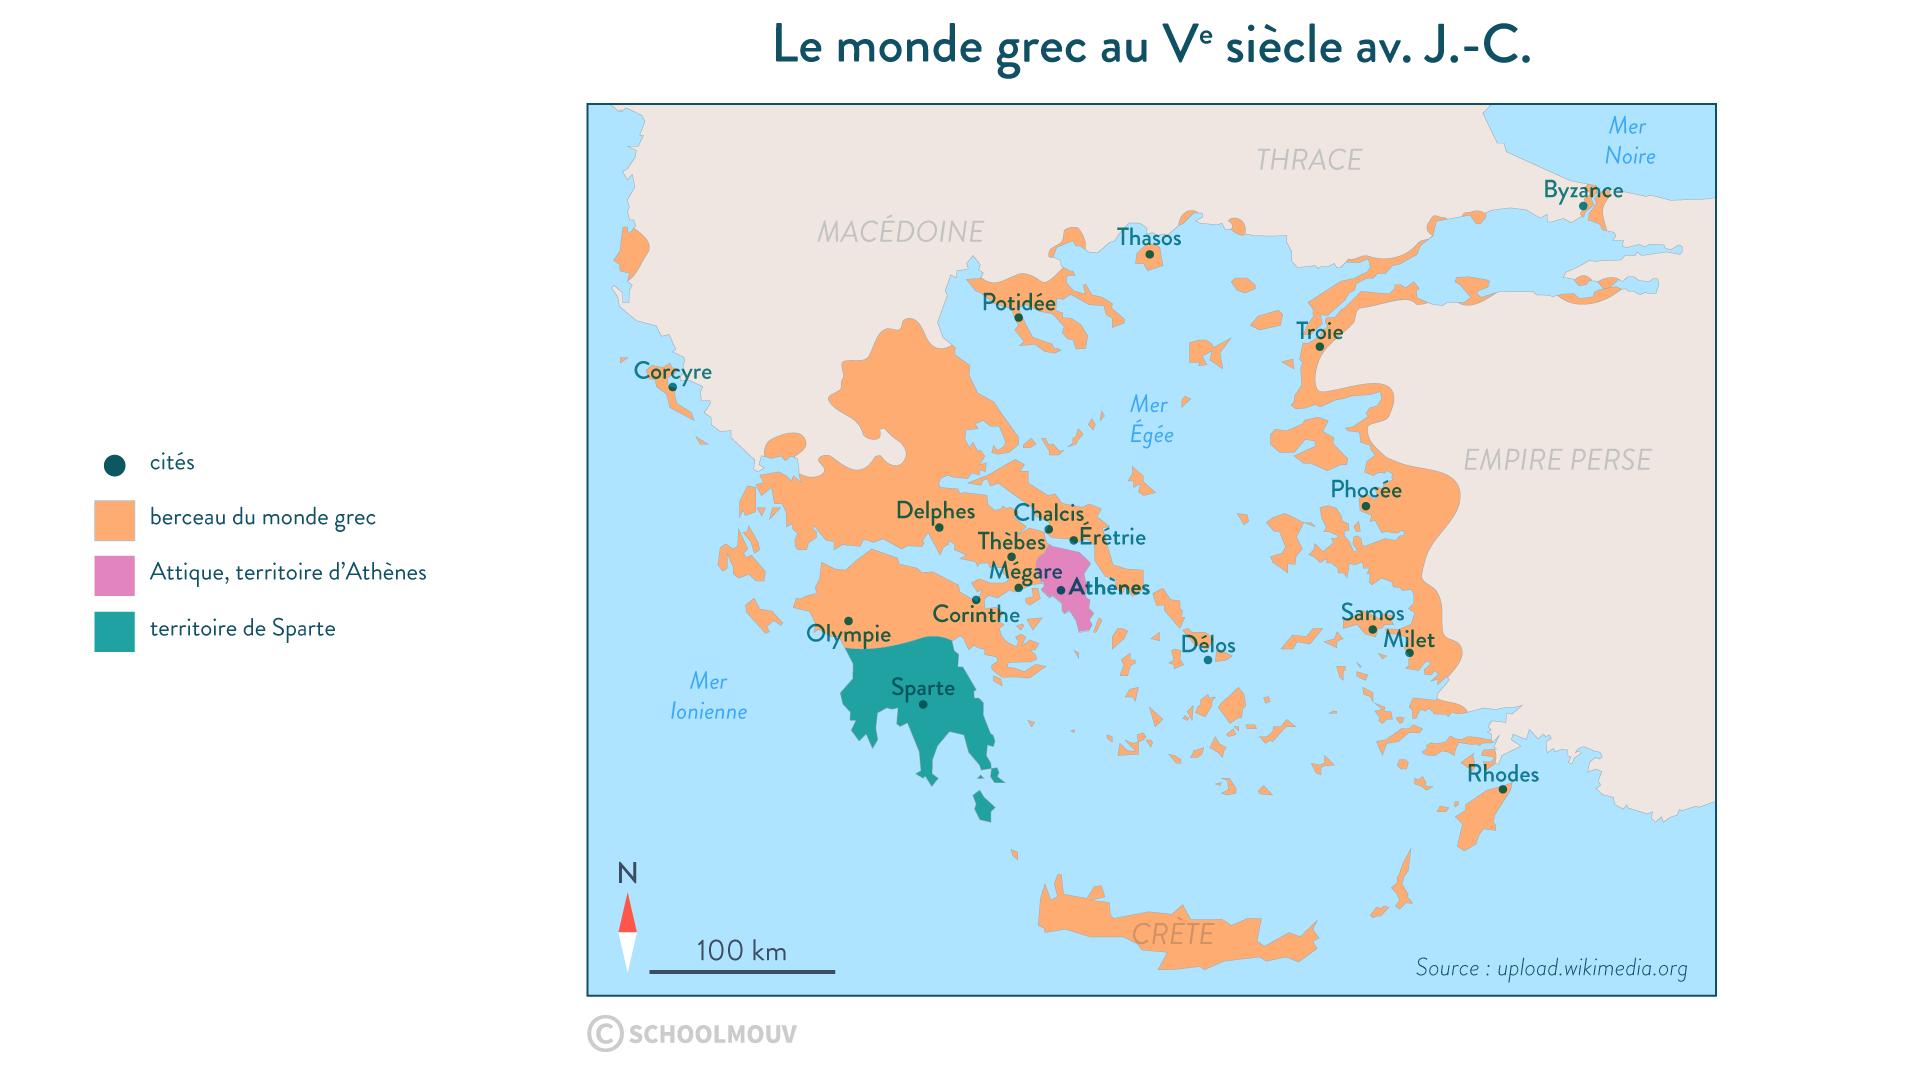 Le monde grec au Ve siècle av. J.-C. - Histoire - 2de - SchoolMouv